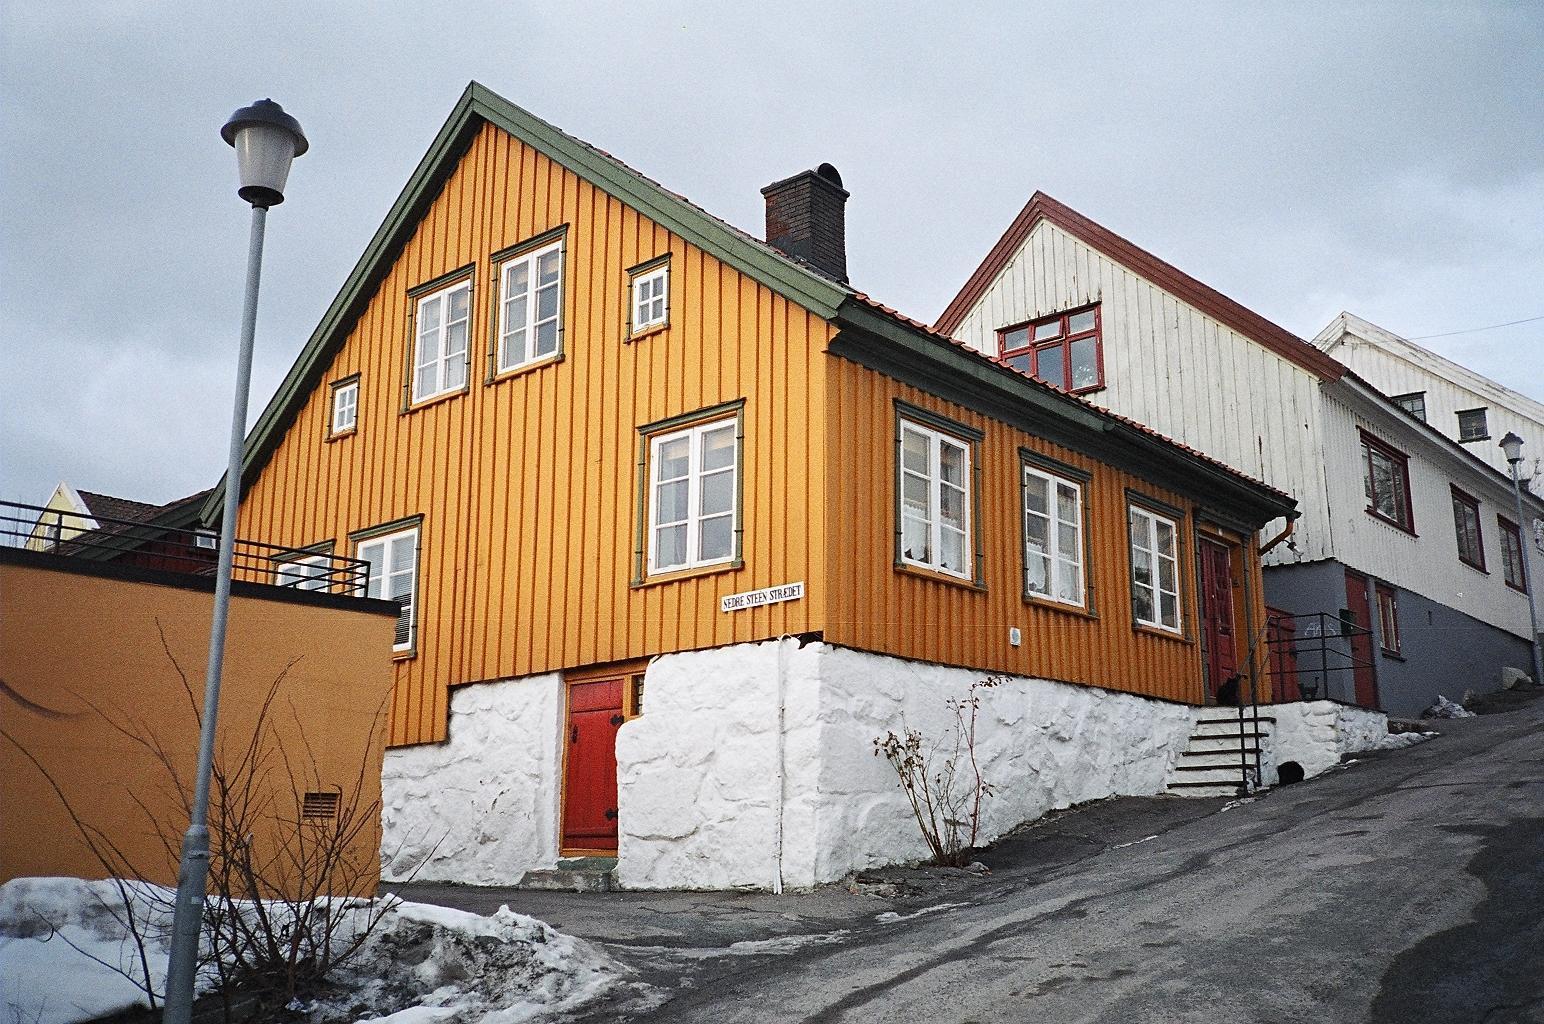 Typowe domy rzemieślnicze i drobnomieszczańskie w Steinane